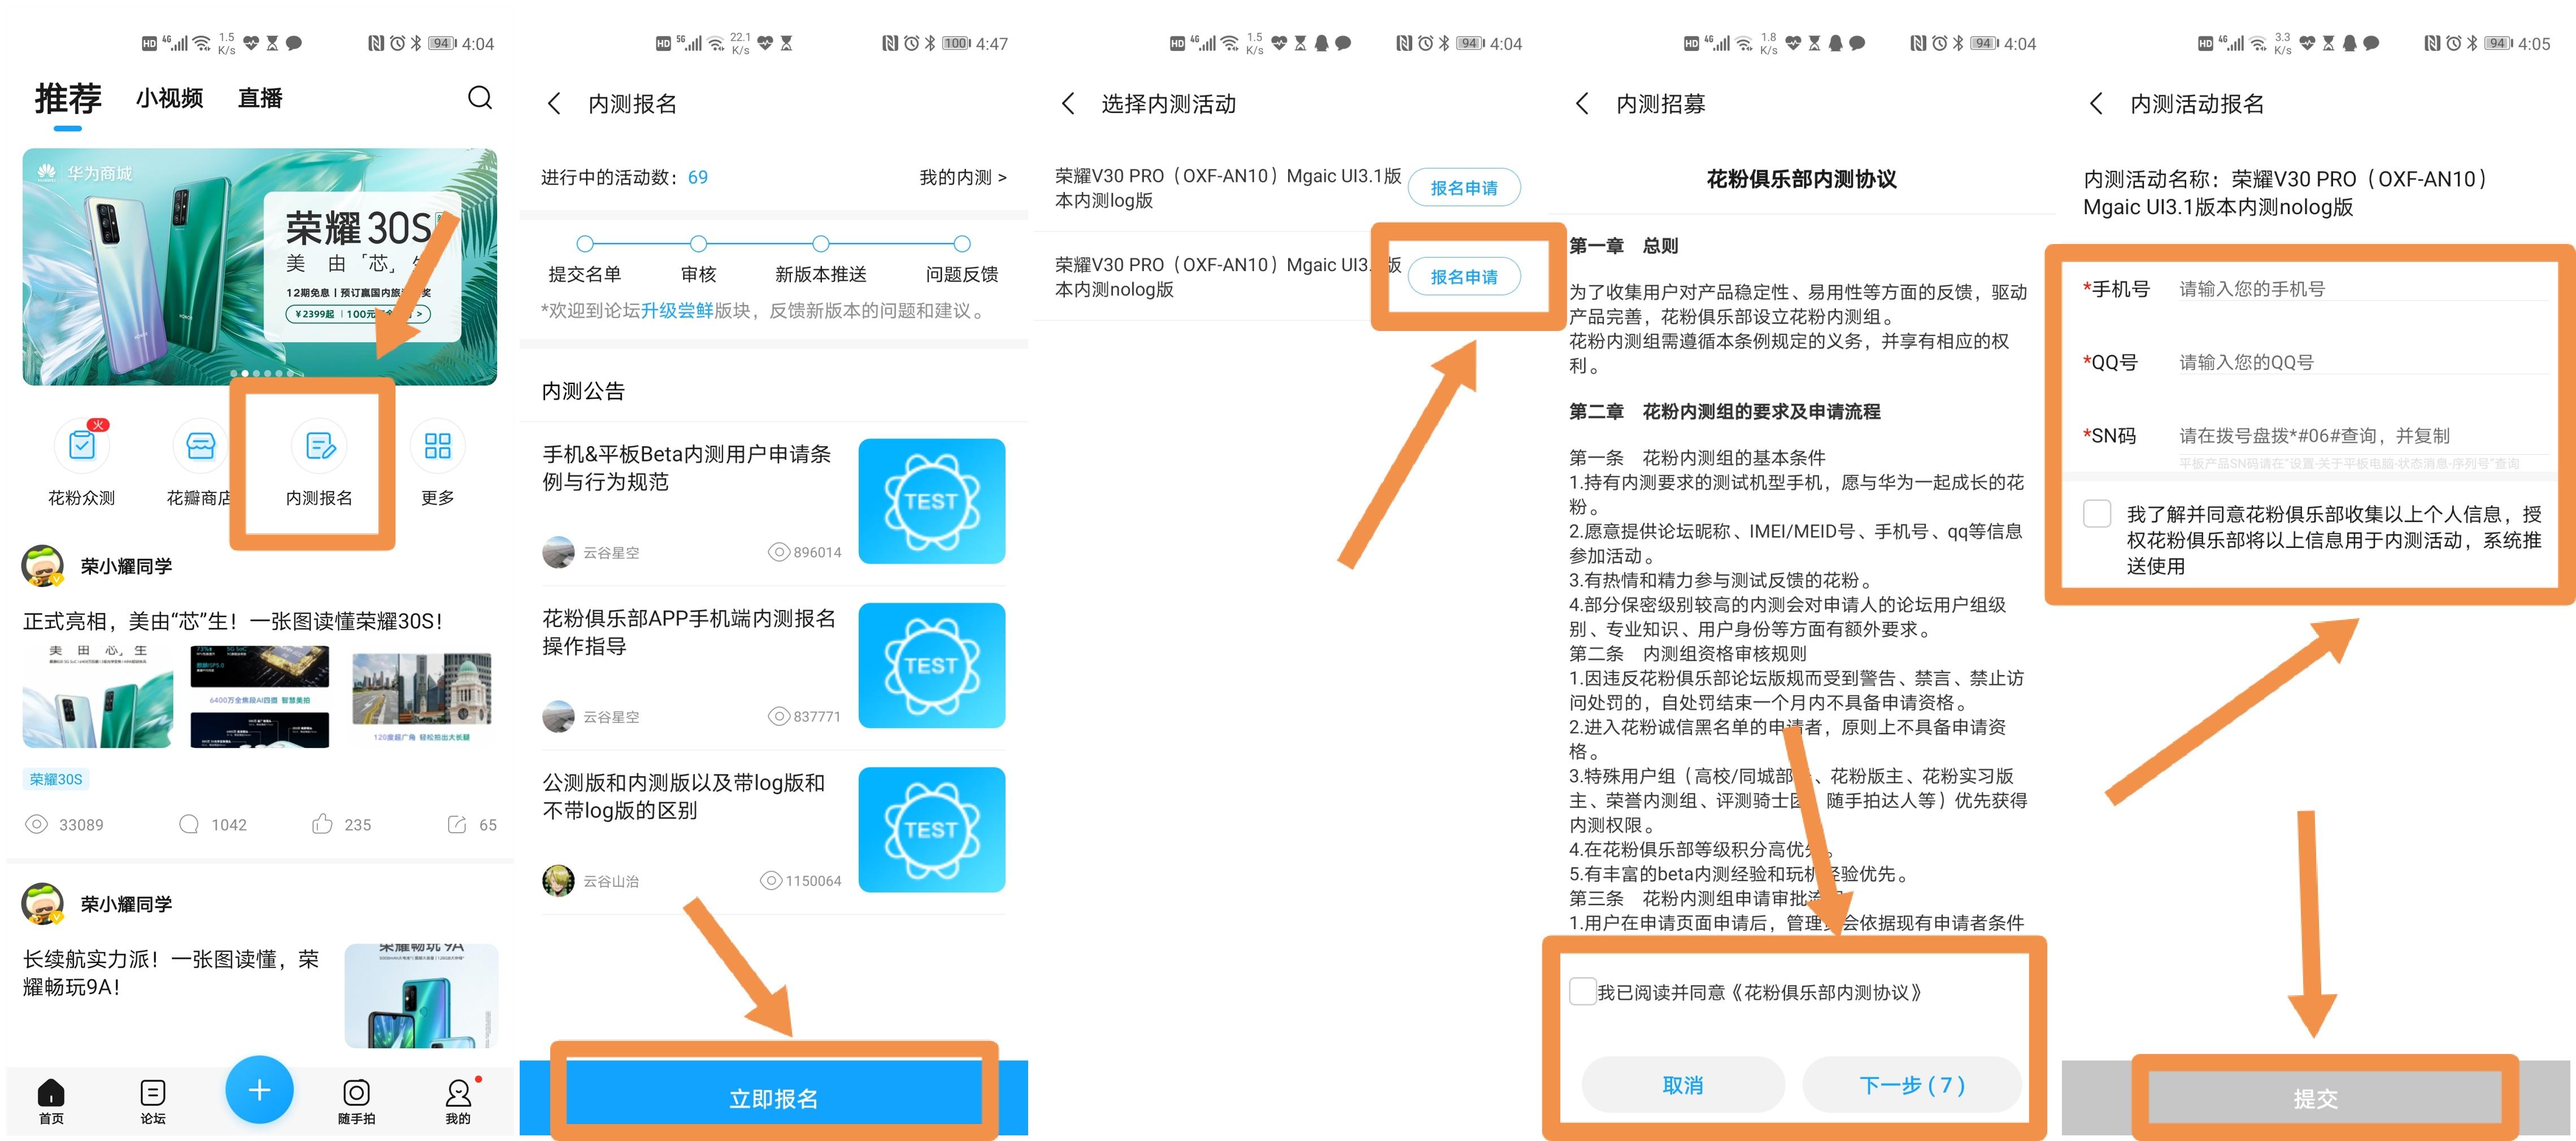 Screenshot_20200331_165657.jpg